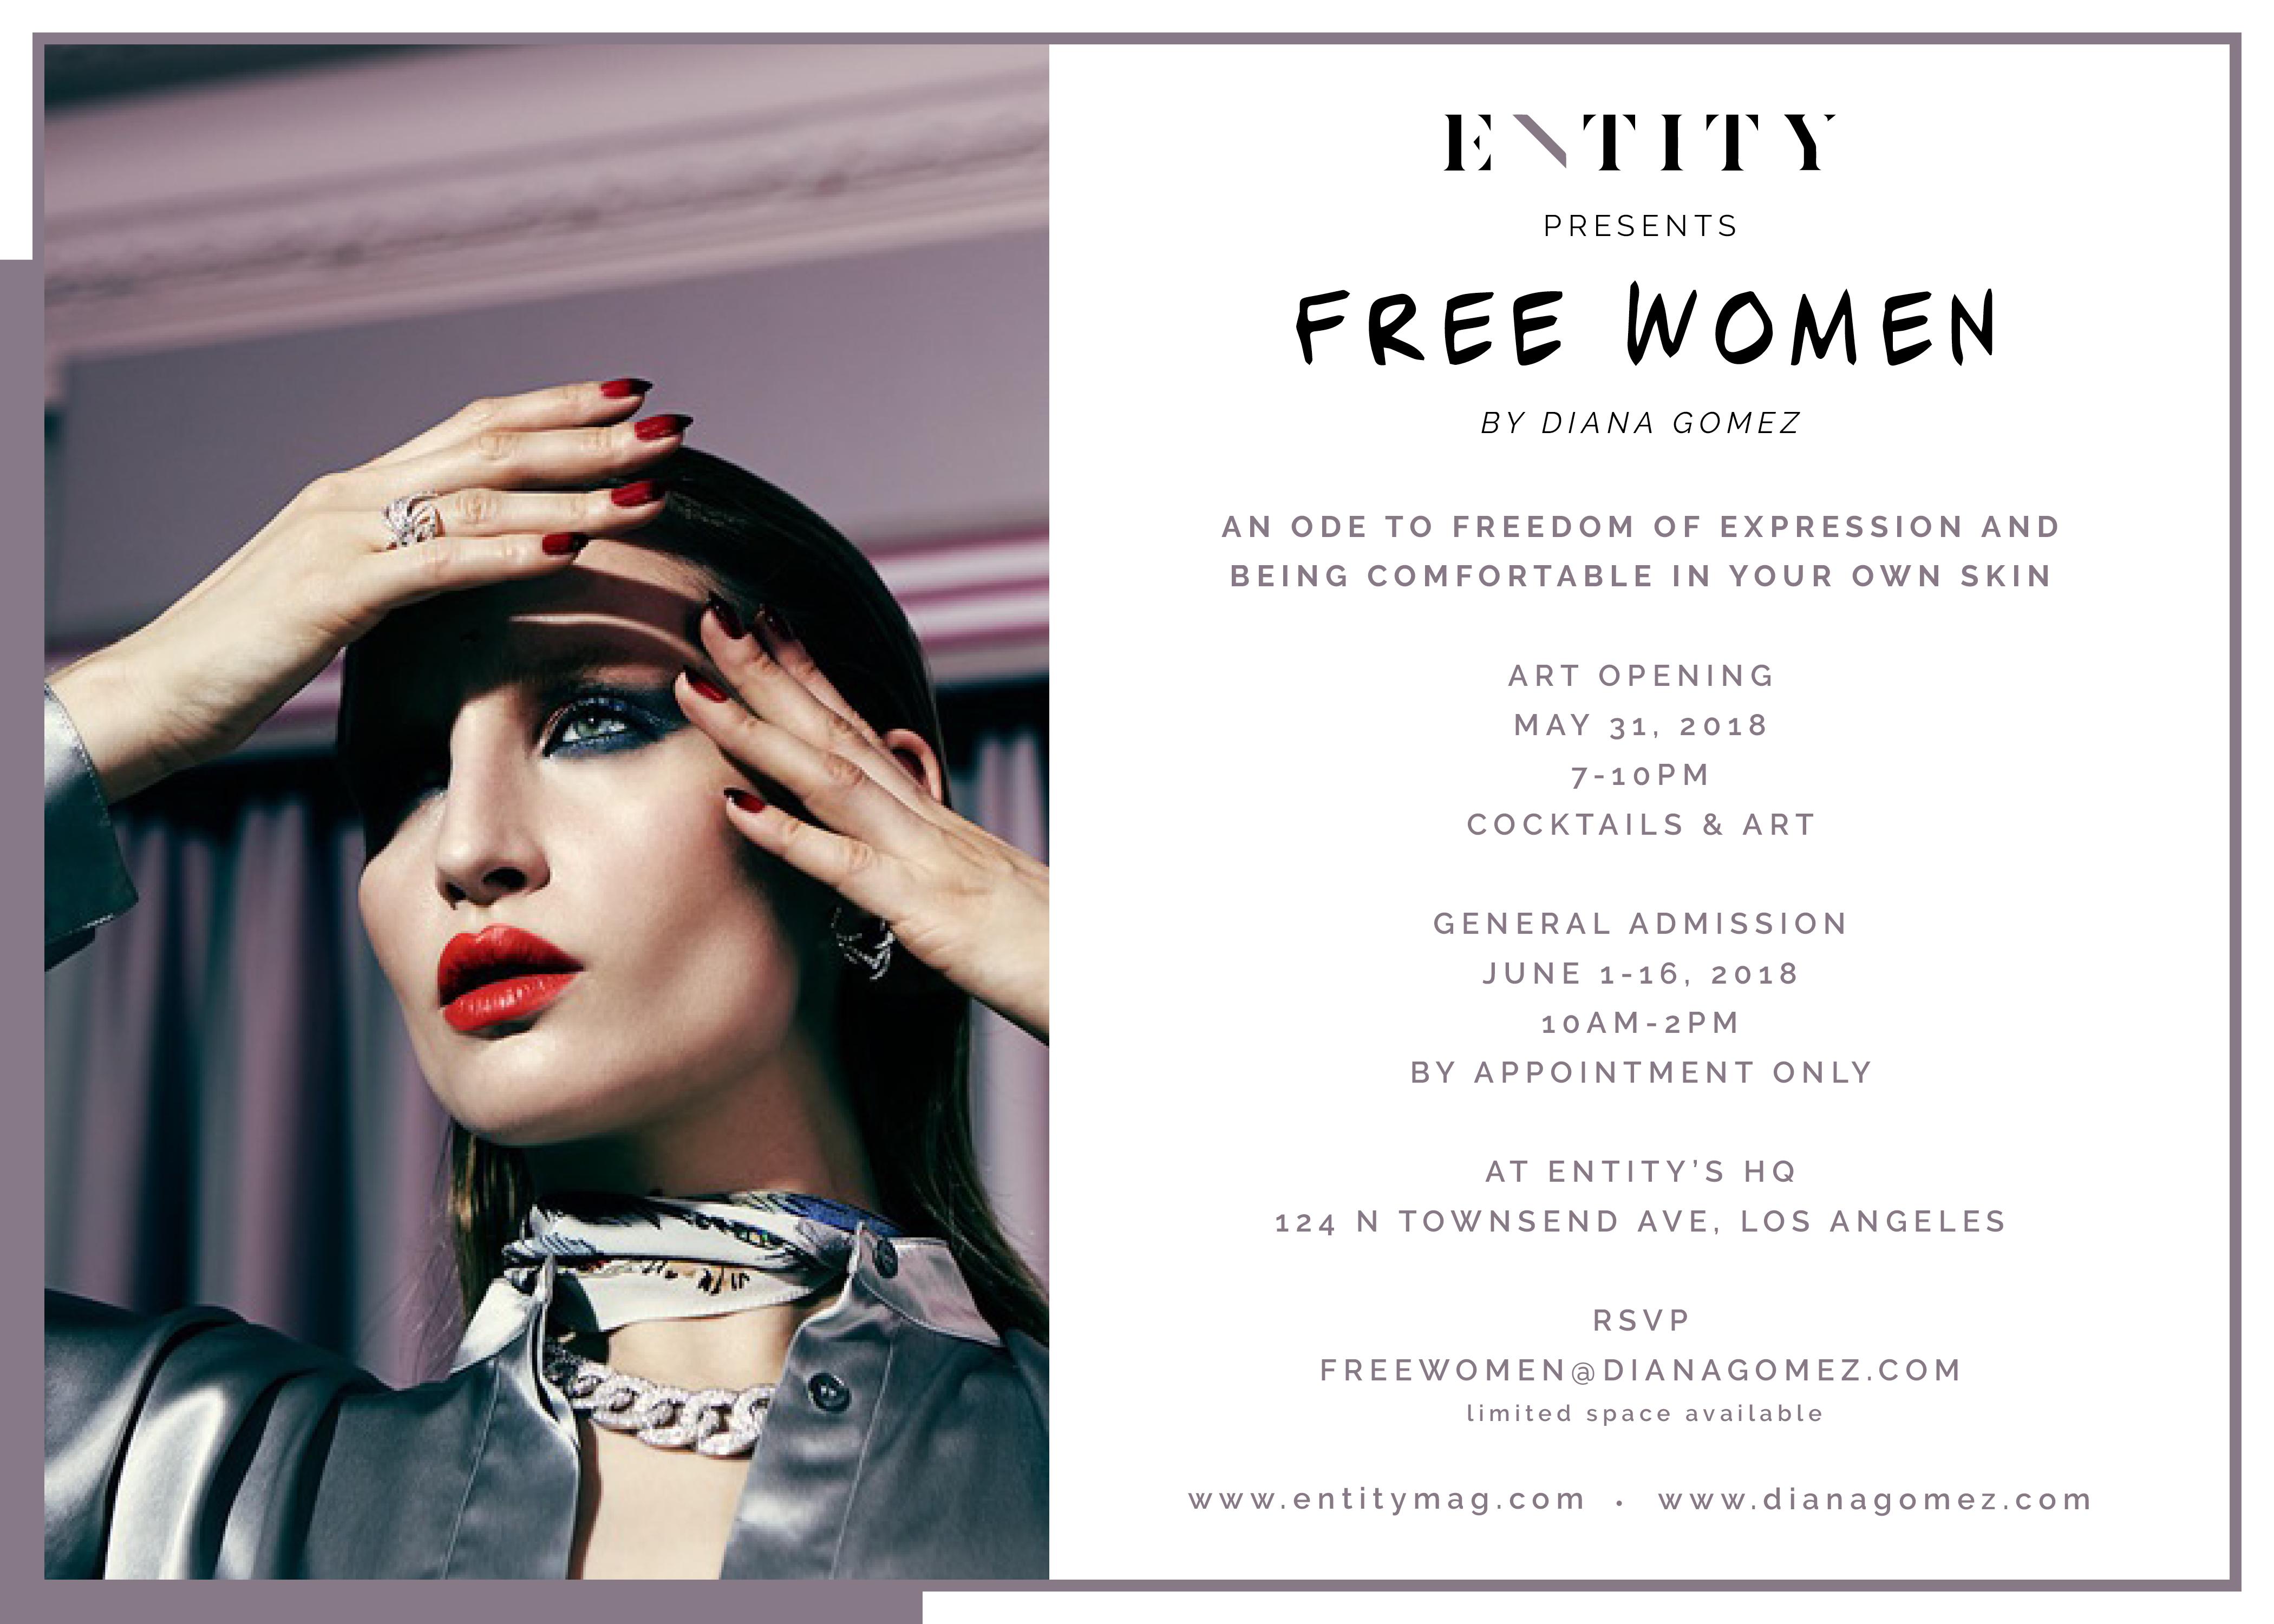 PNG Free Women x ENTITY